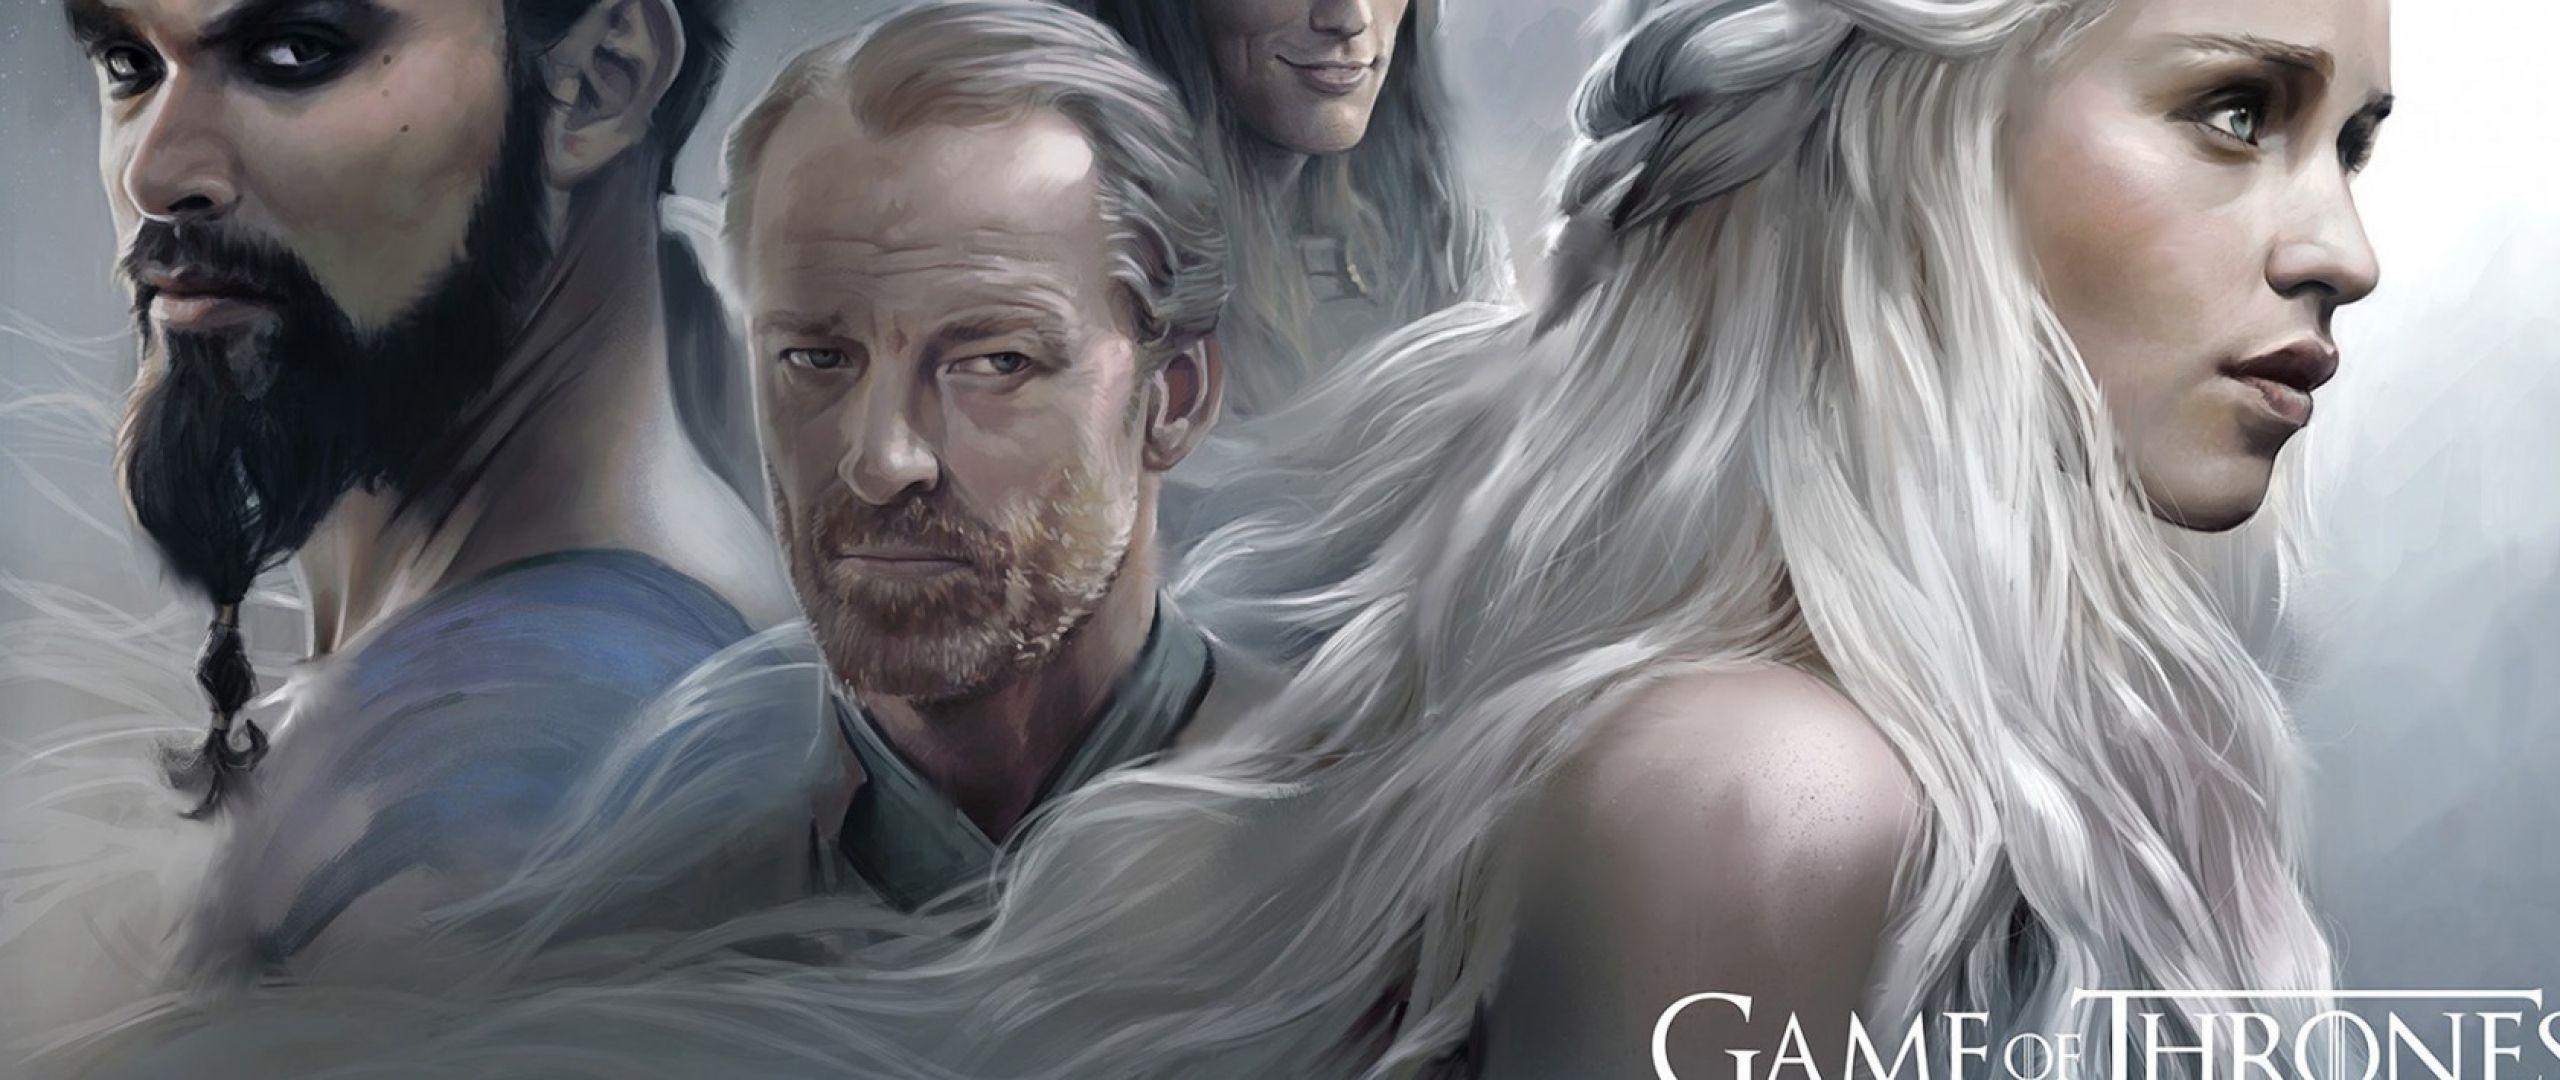 Daenerys targaryen and khal drogo wallpaper daenerys targaryen wedding - 2560x1080 Wallpaper Game Of Thrones Emilia Clarke Daenerys Targaryen Khal Drogo Jason